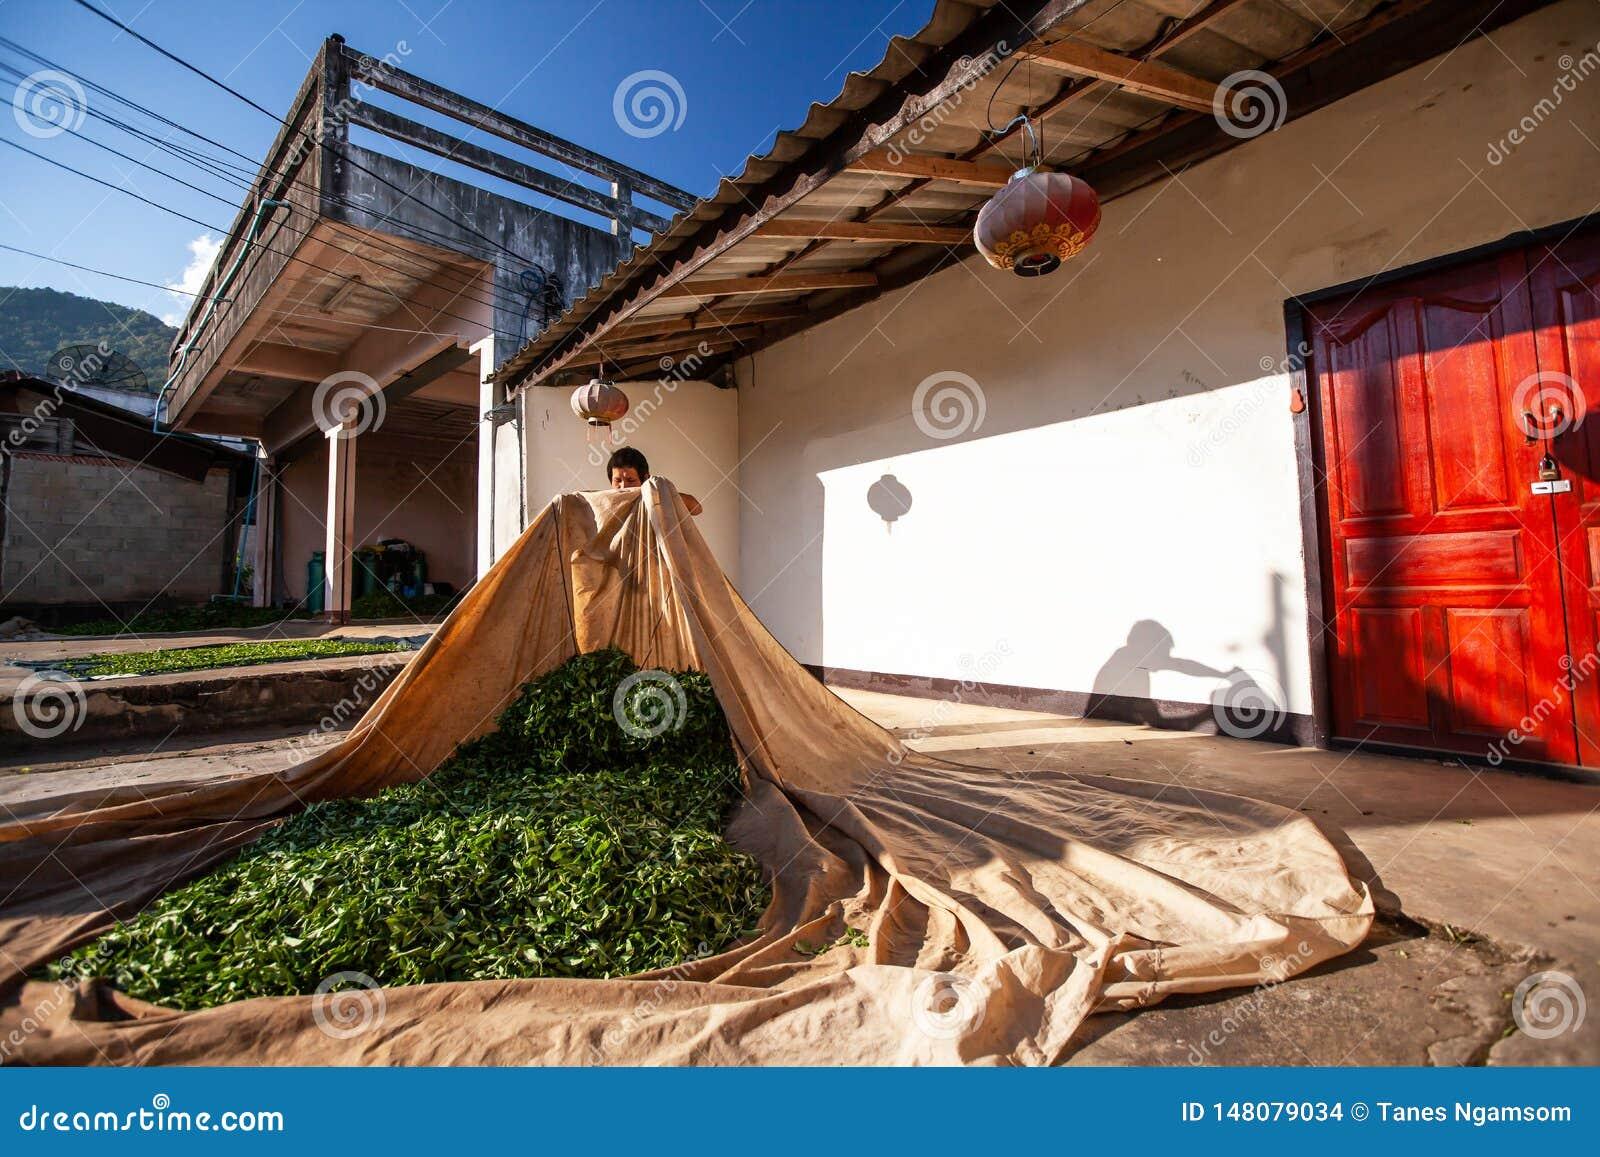 Fazendeiro de ch? que coloca as folhas na tela no p?tio para a secagem natural Doi Mae Salong, Chiang Rai, Tail?ndia